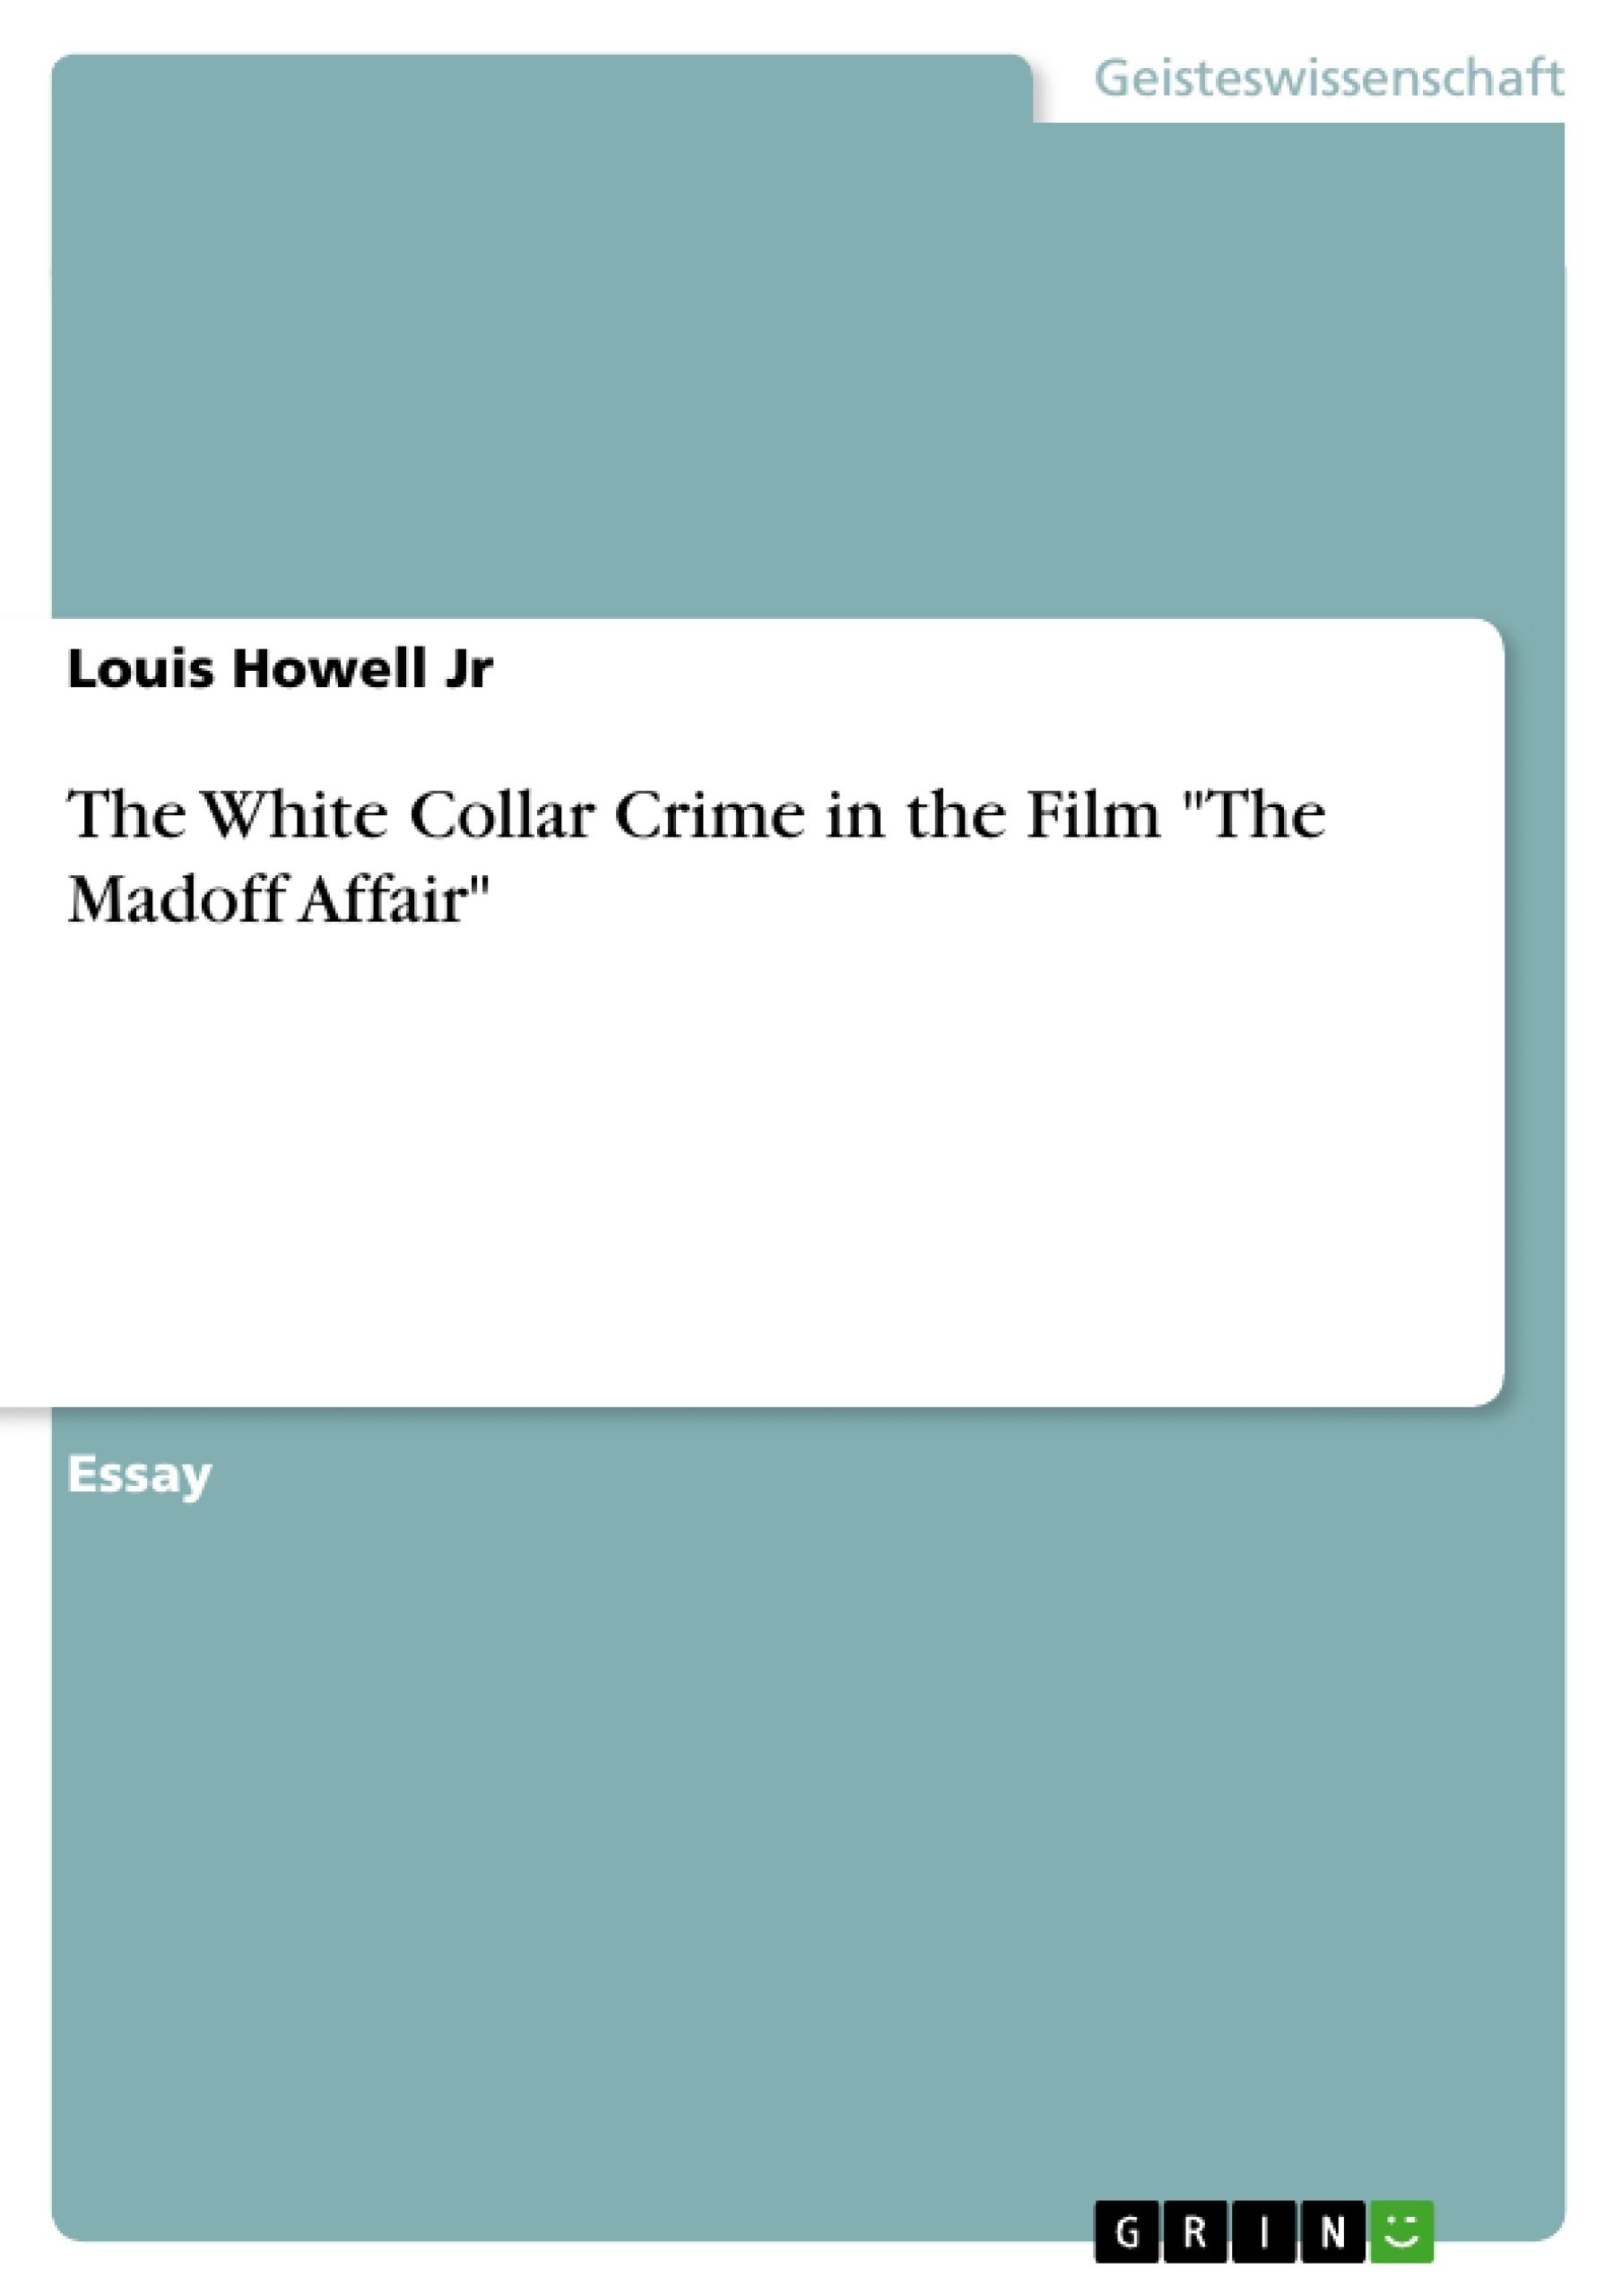 the white collar crime in the film the madoff affair  laden sie ihre eigenen arbeiten hoch geld verdienen und iphone x gewinnen